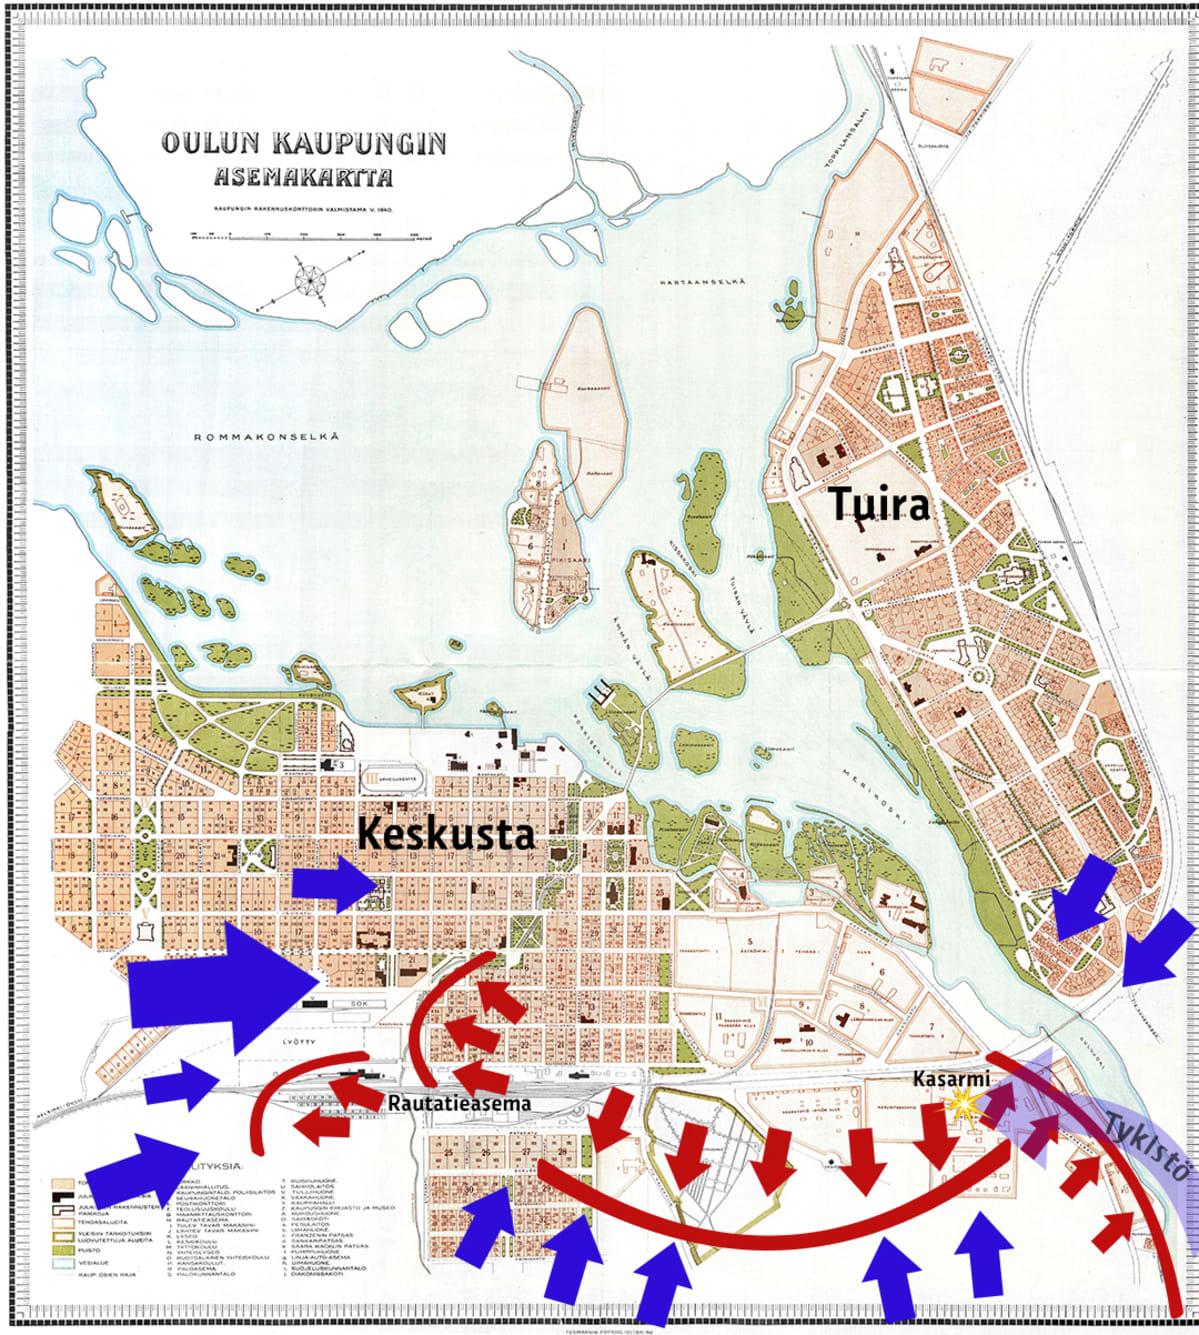 Oulun taisteluiden rintamat oulun valtauksen aikana 3. helmikuut 1918.